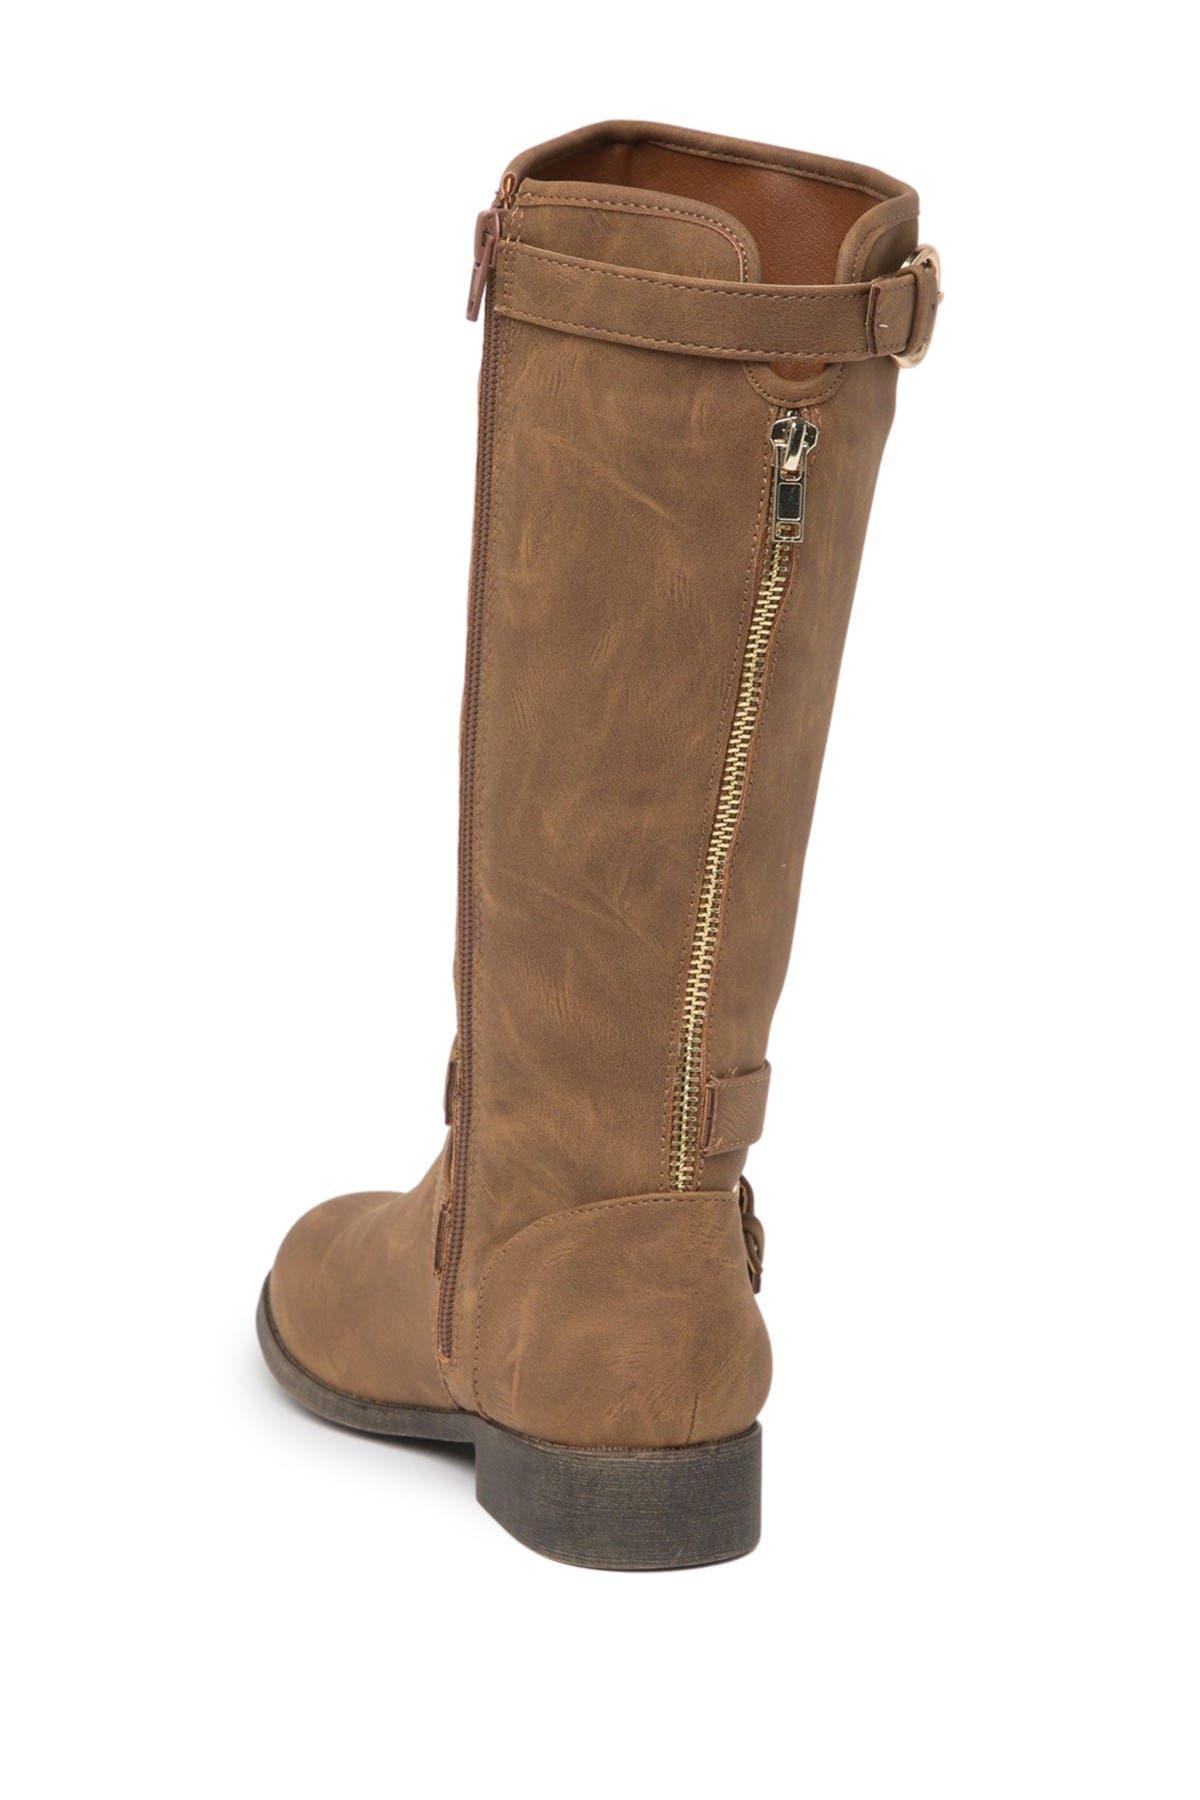 Steve Madden Tall Shaft Boot